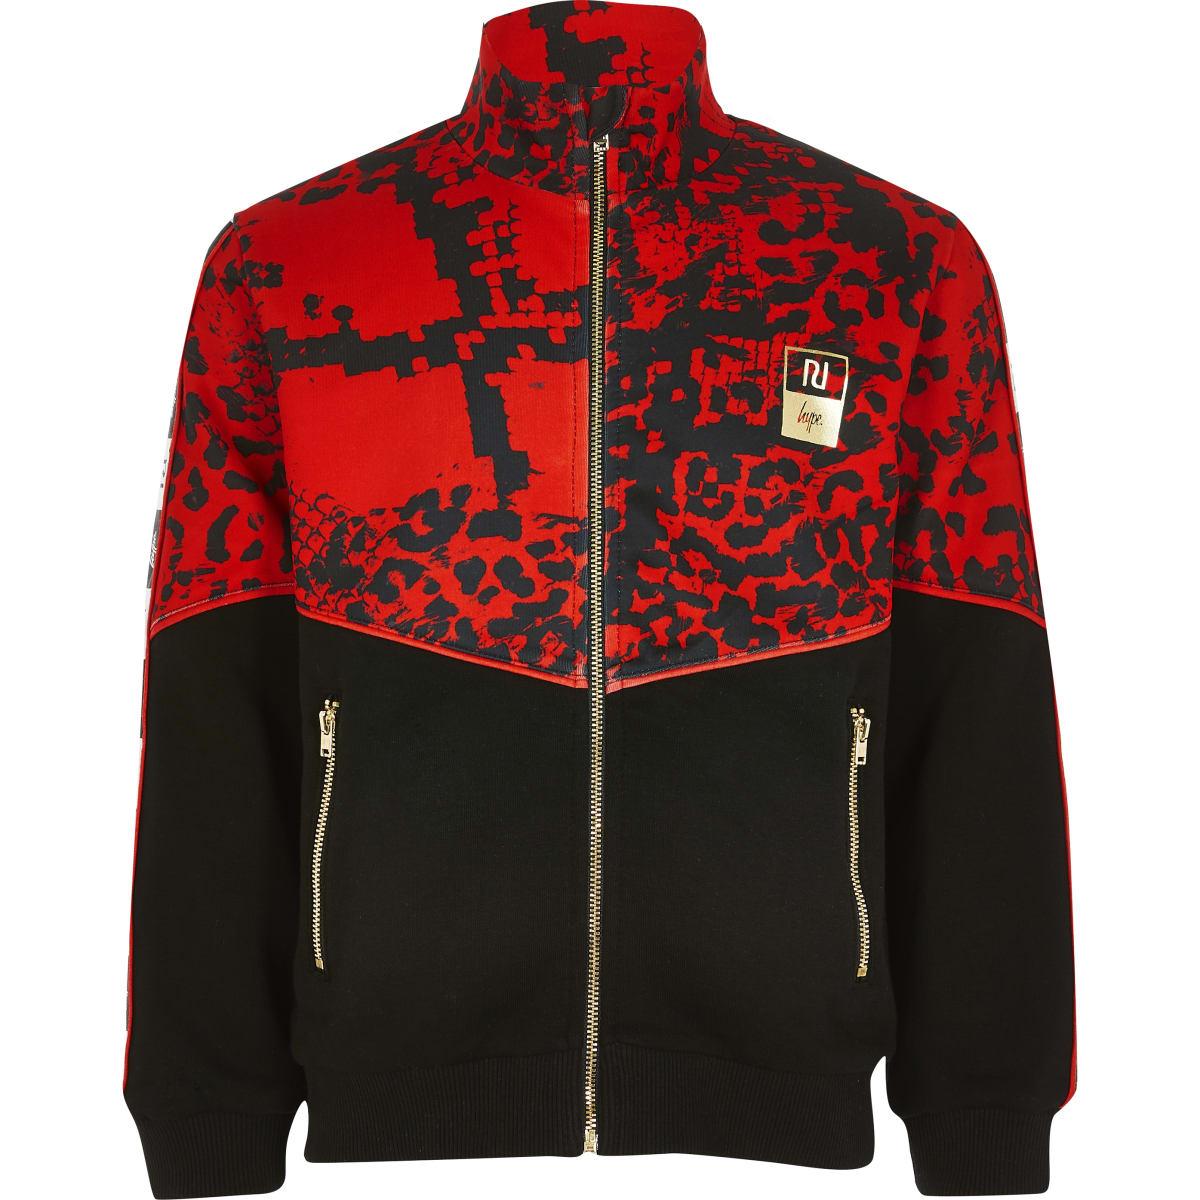 RI x Hype - Rode hoodie met rits en kleurvlakken voor kinderen